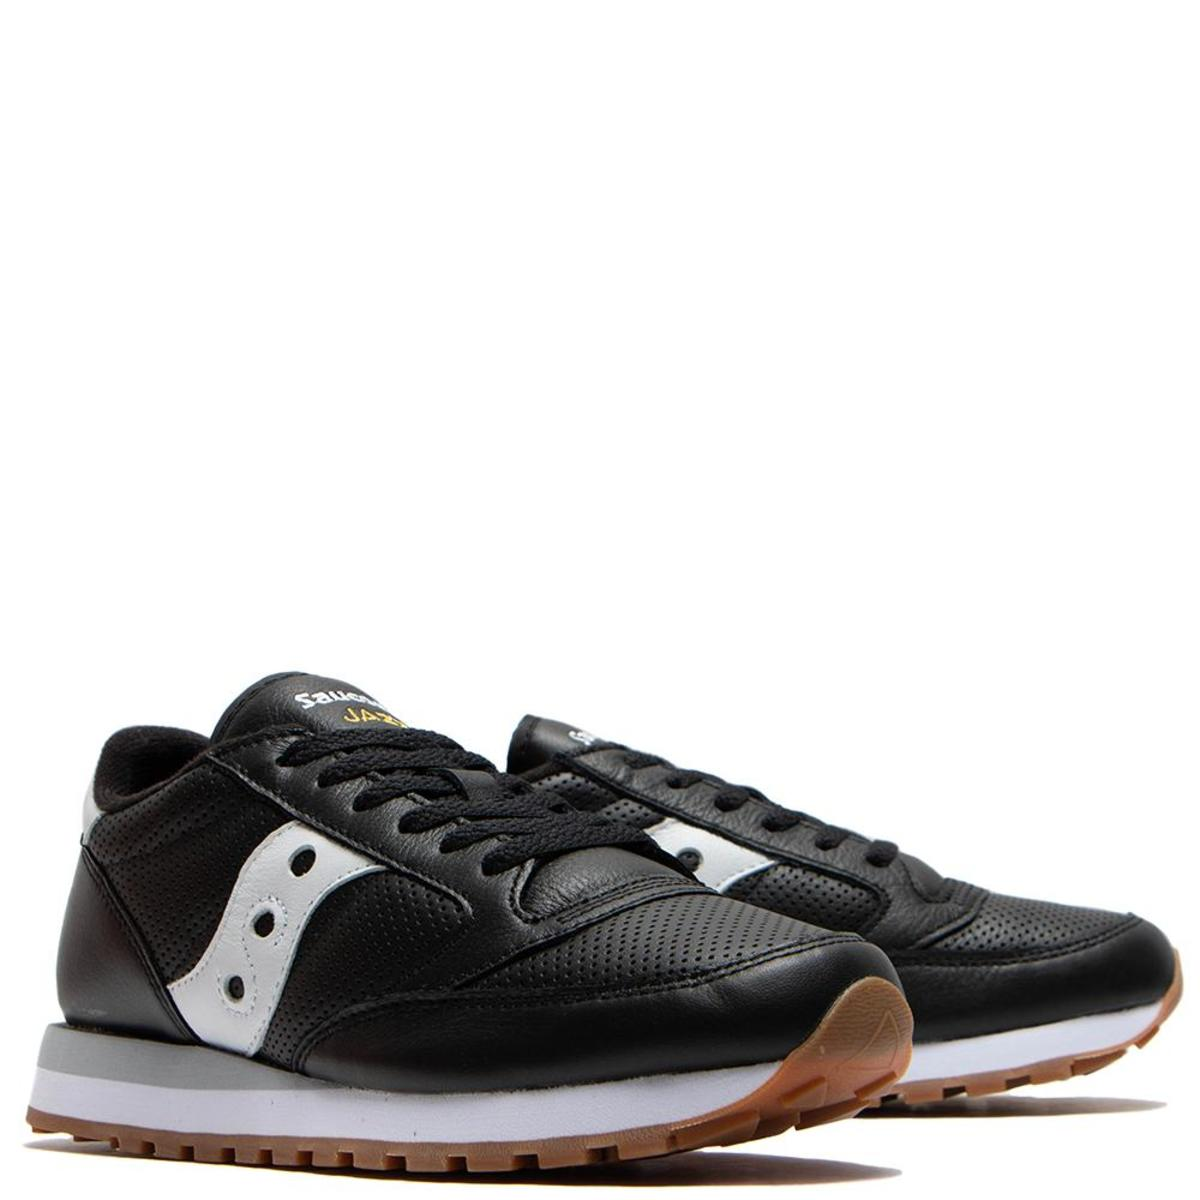 detailed look e3da6 a3b37 Saucony Jazz Original Leather - Black